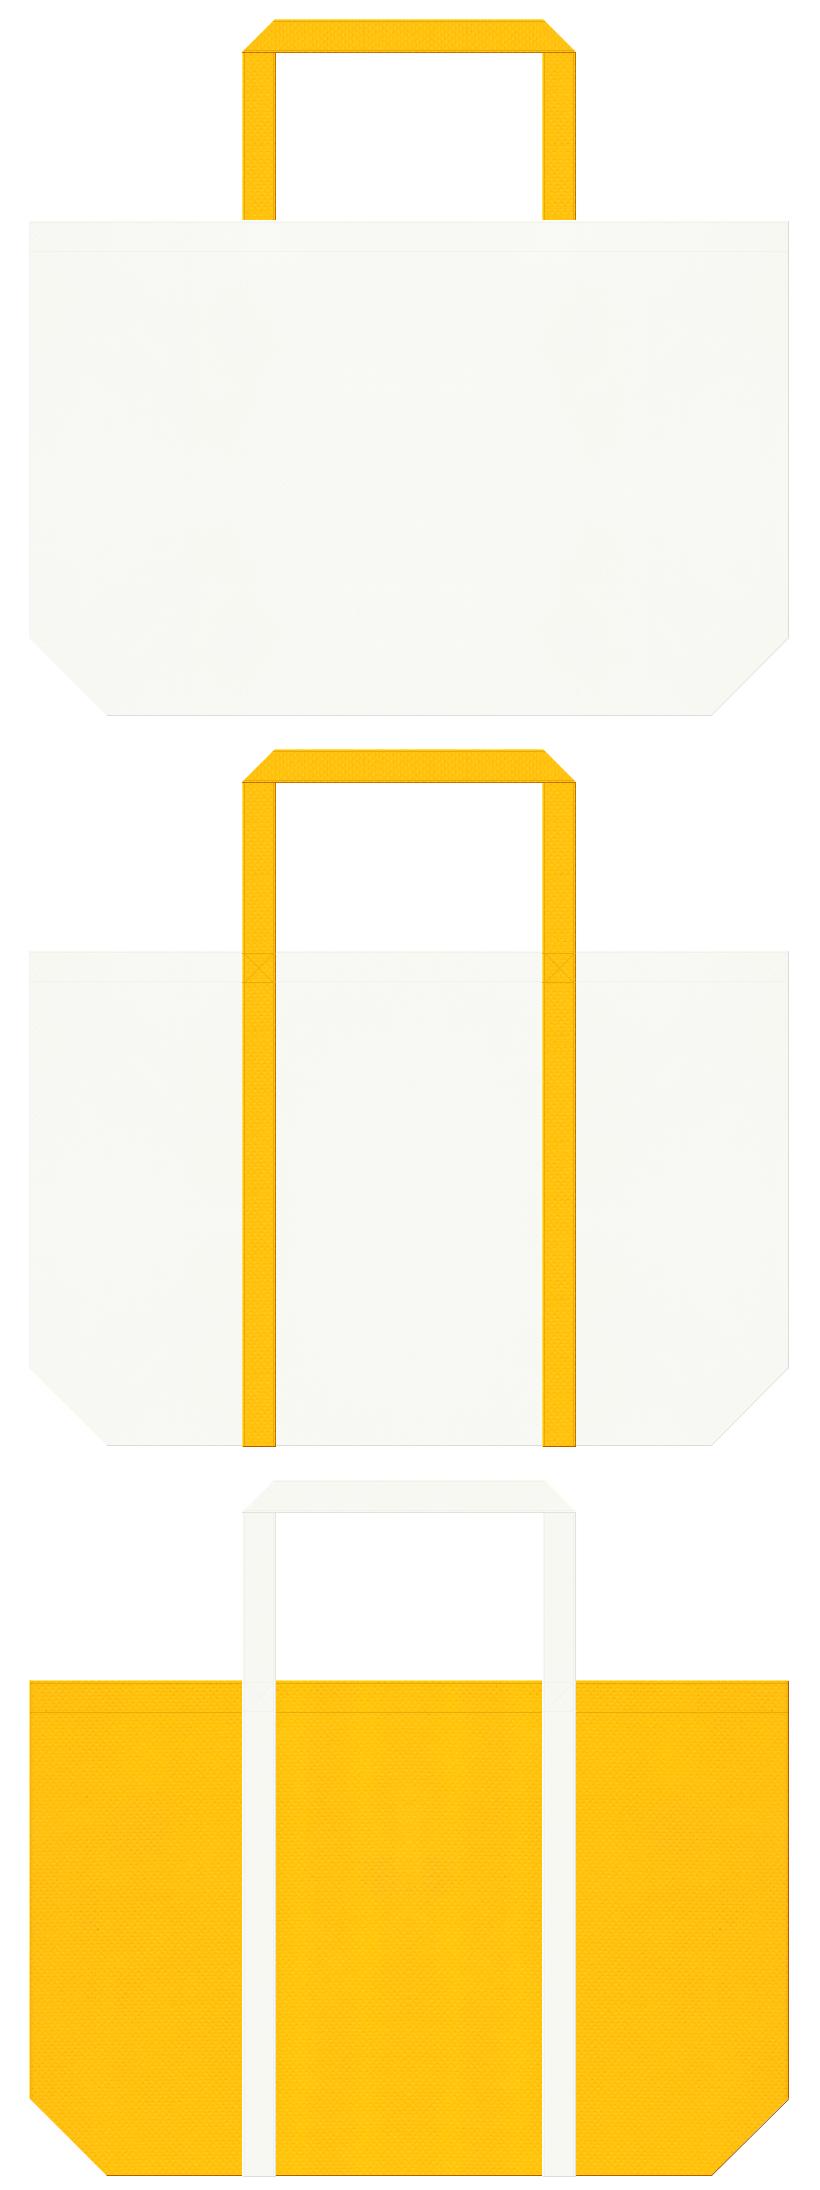 電気・エネルギー・通信機器・たまご・スクランブルエッグ・チーズ・バター・乳製品・エンジェル・ムーン・スター・レモン・ビタミン・交通安全・キッズイベント・通園バッグにお奨めの不織布バッグデザイン:オフホワイト色と黄色のコーデ